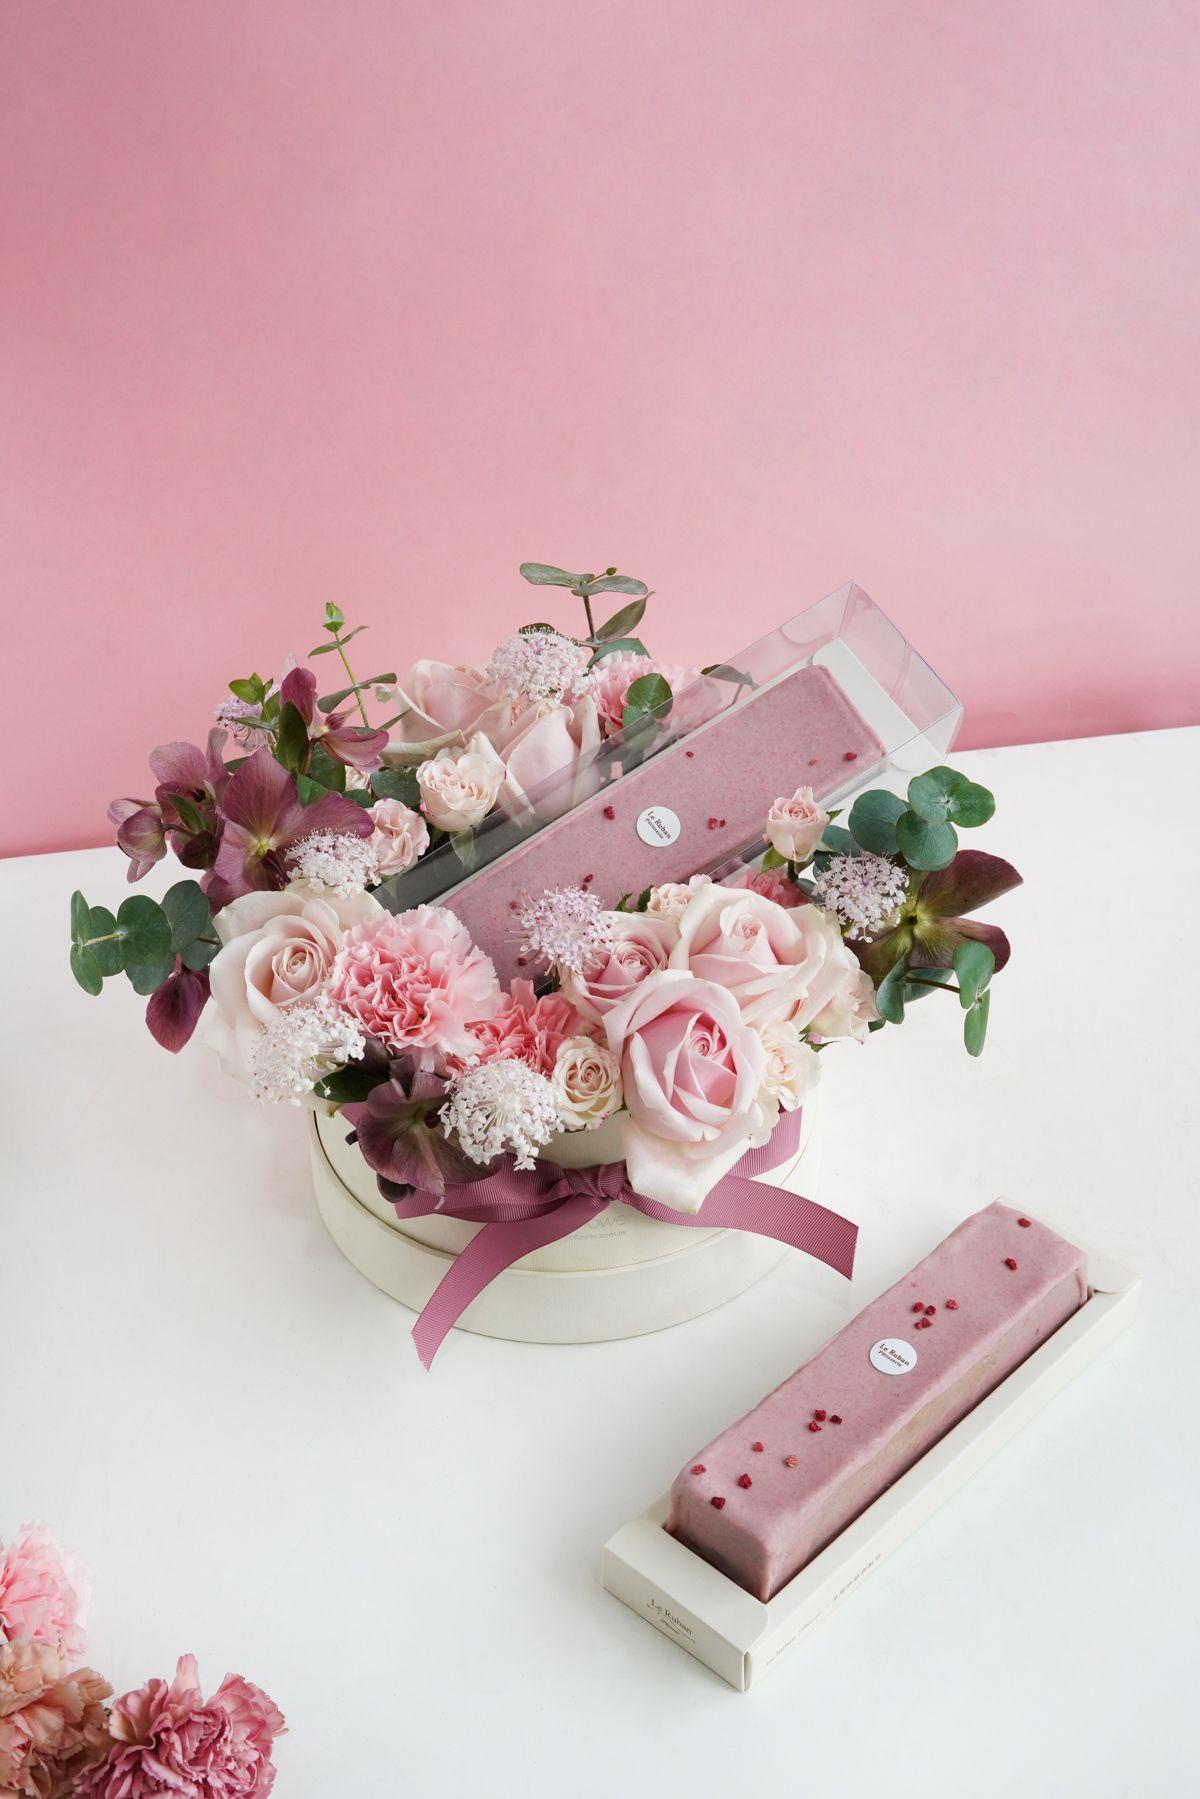 粉彩花園-中白圓蛋糕花禮。